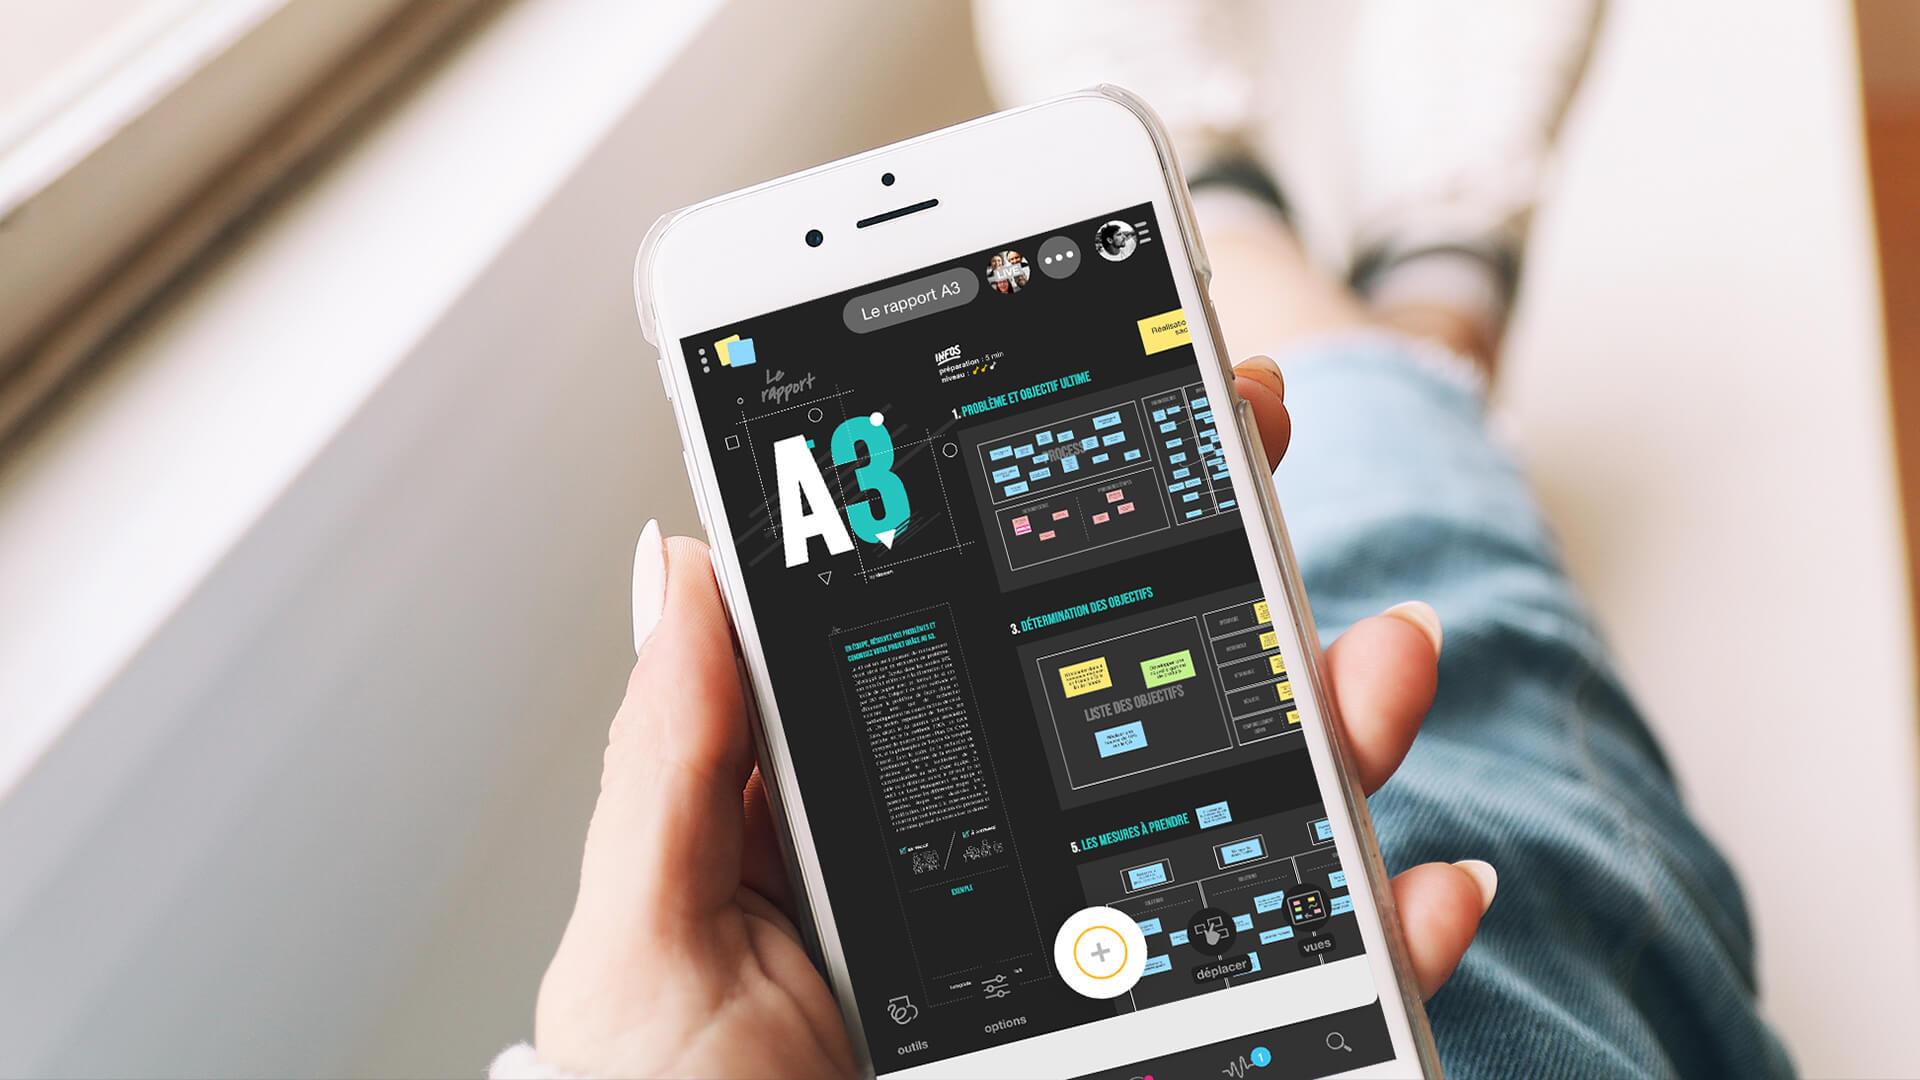 Template rapport A3 Lean management sur smartphone | Klaxoon